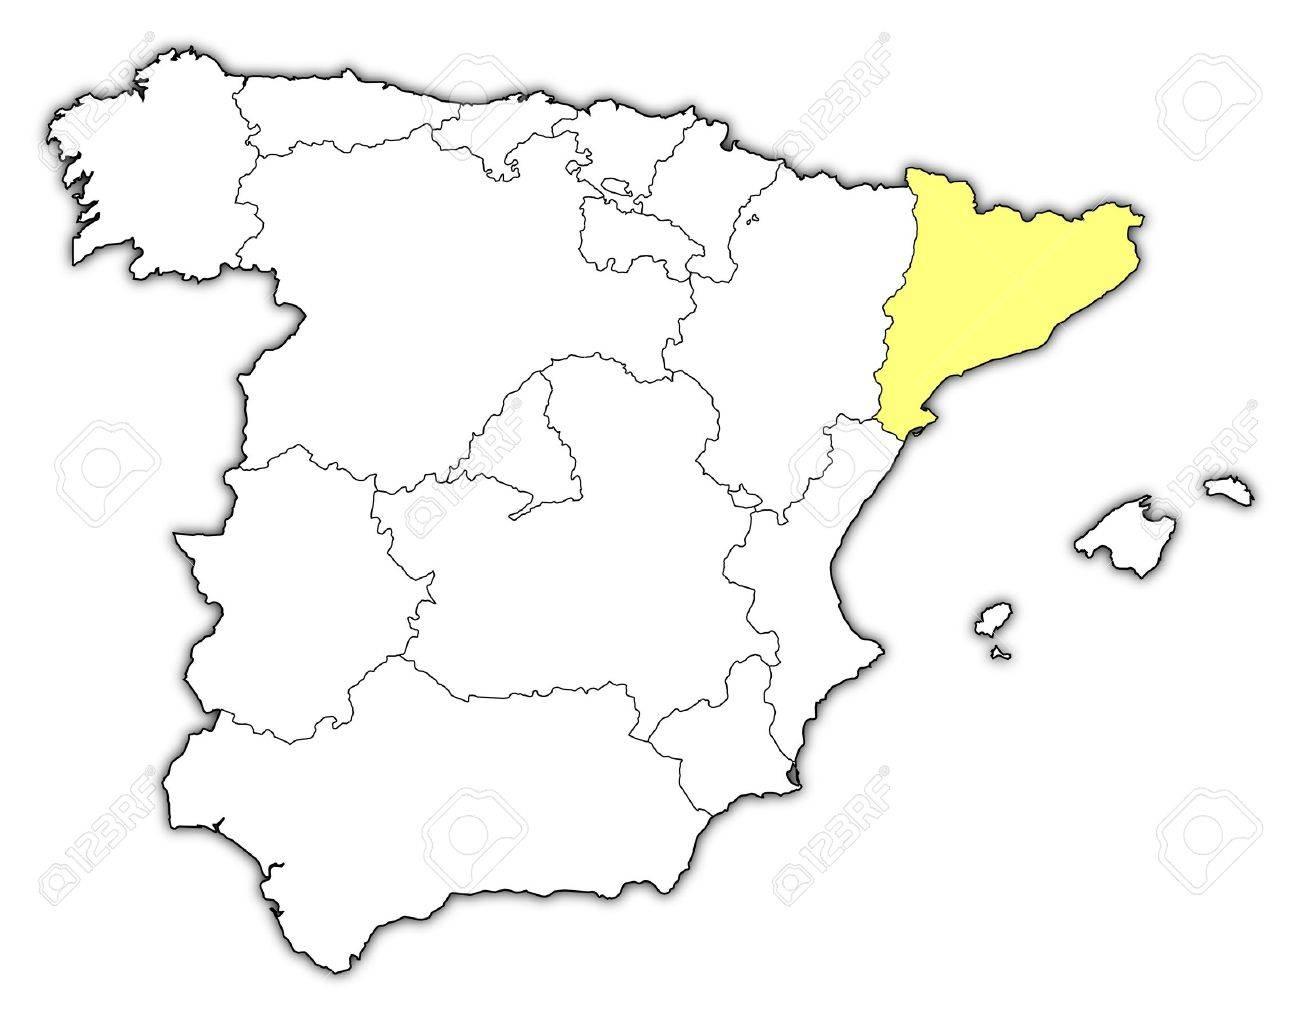 Cartina Politica Muta Spagna.Vettoriale Mappa Politica Della Spagna Con Le Varie Regioni In Cui E Evidenziato Catalogna Image 11566167